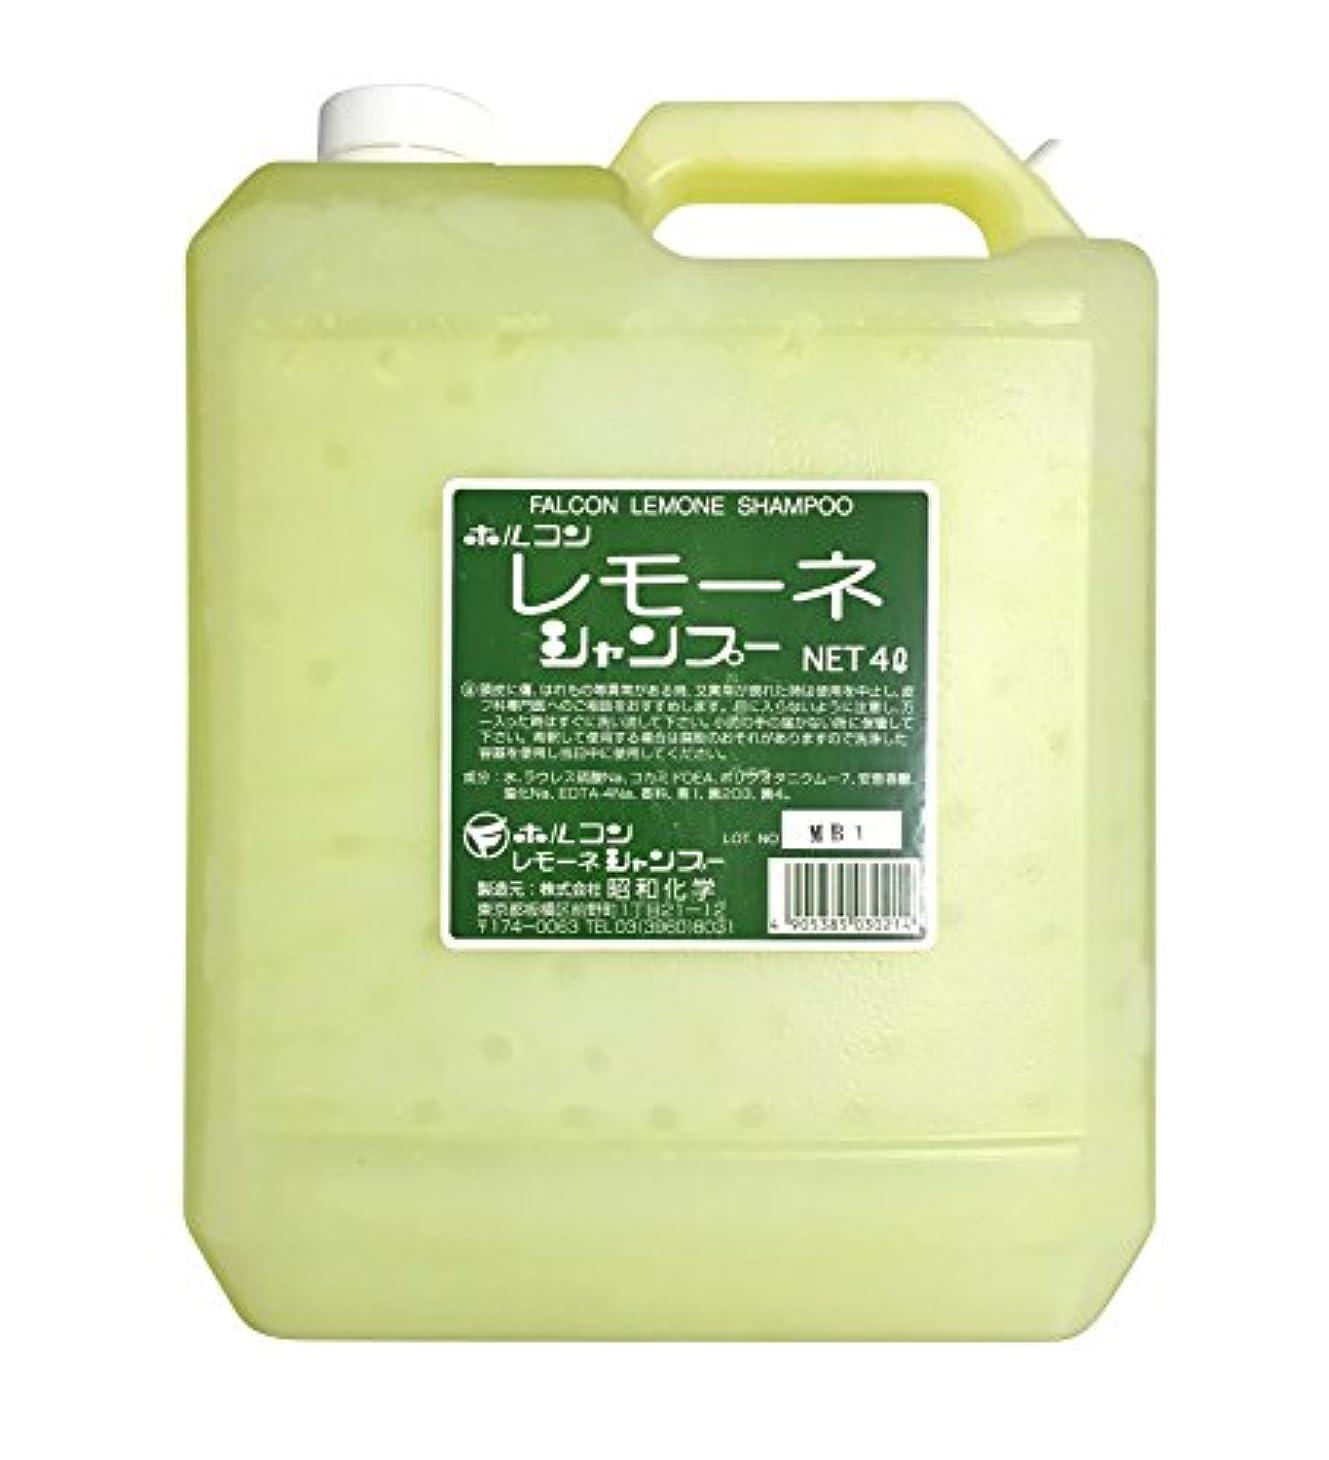 店員四面体かもしれない昭和化学 ホルコン レモーネシャンプー 4000ml